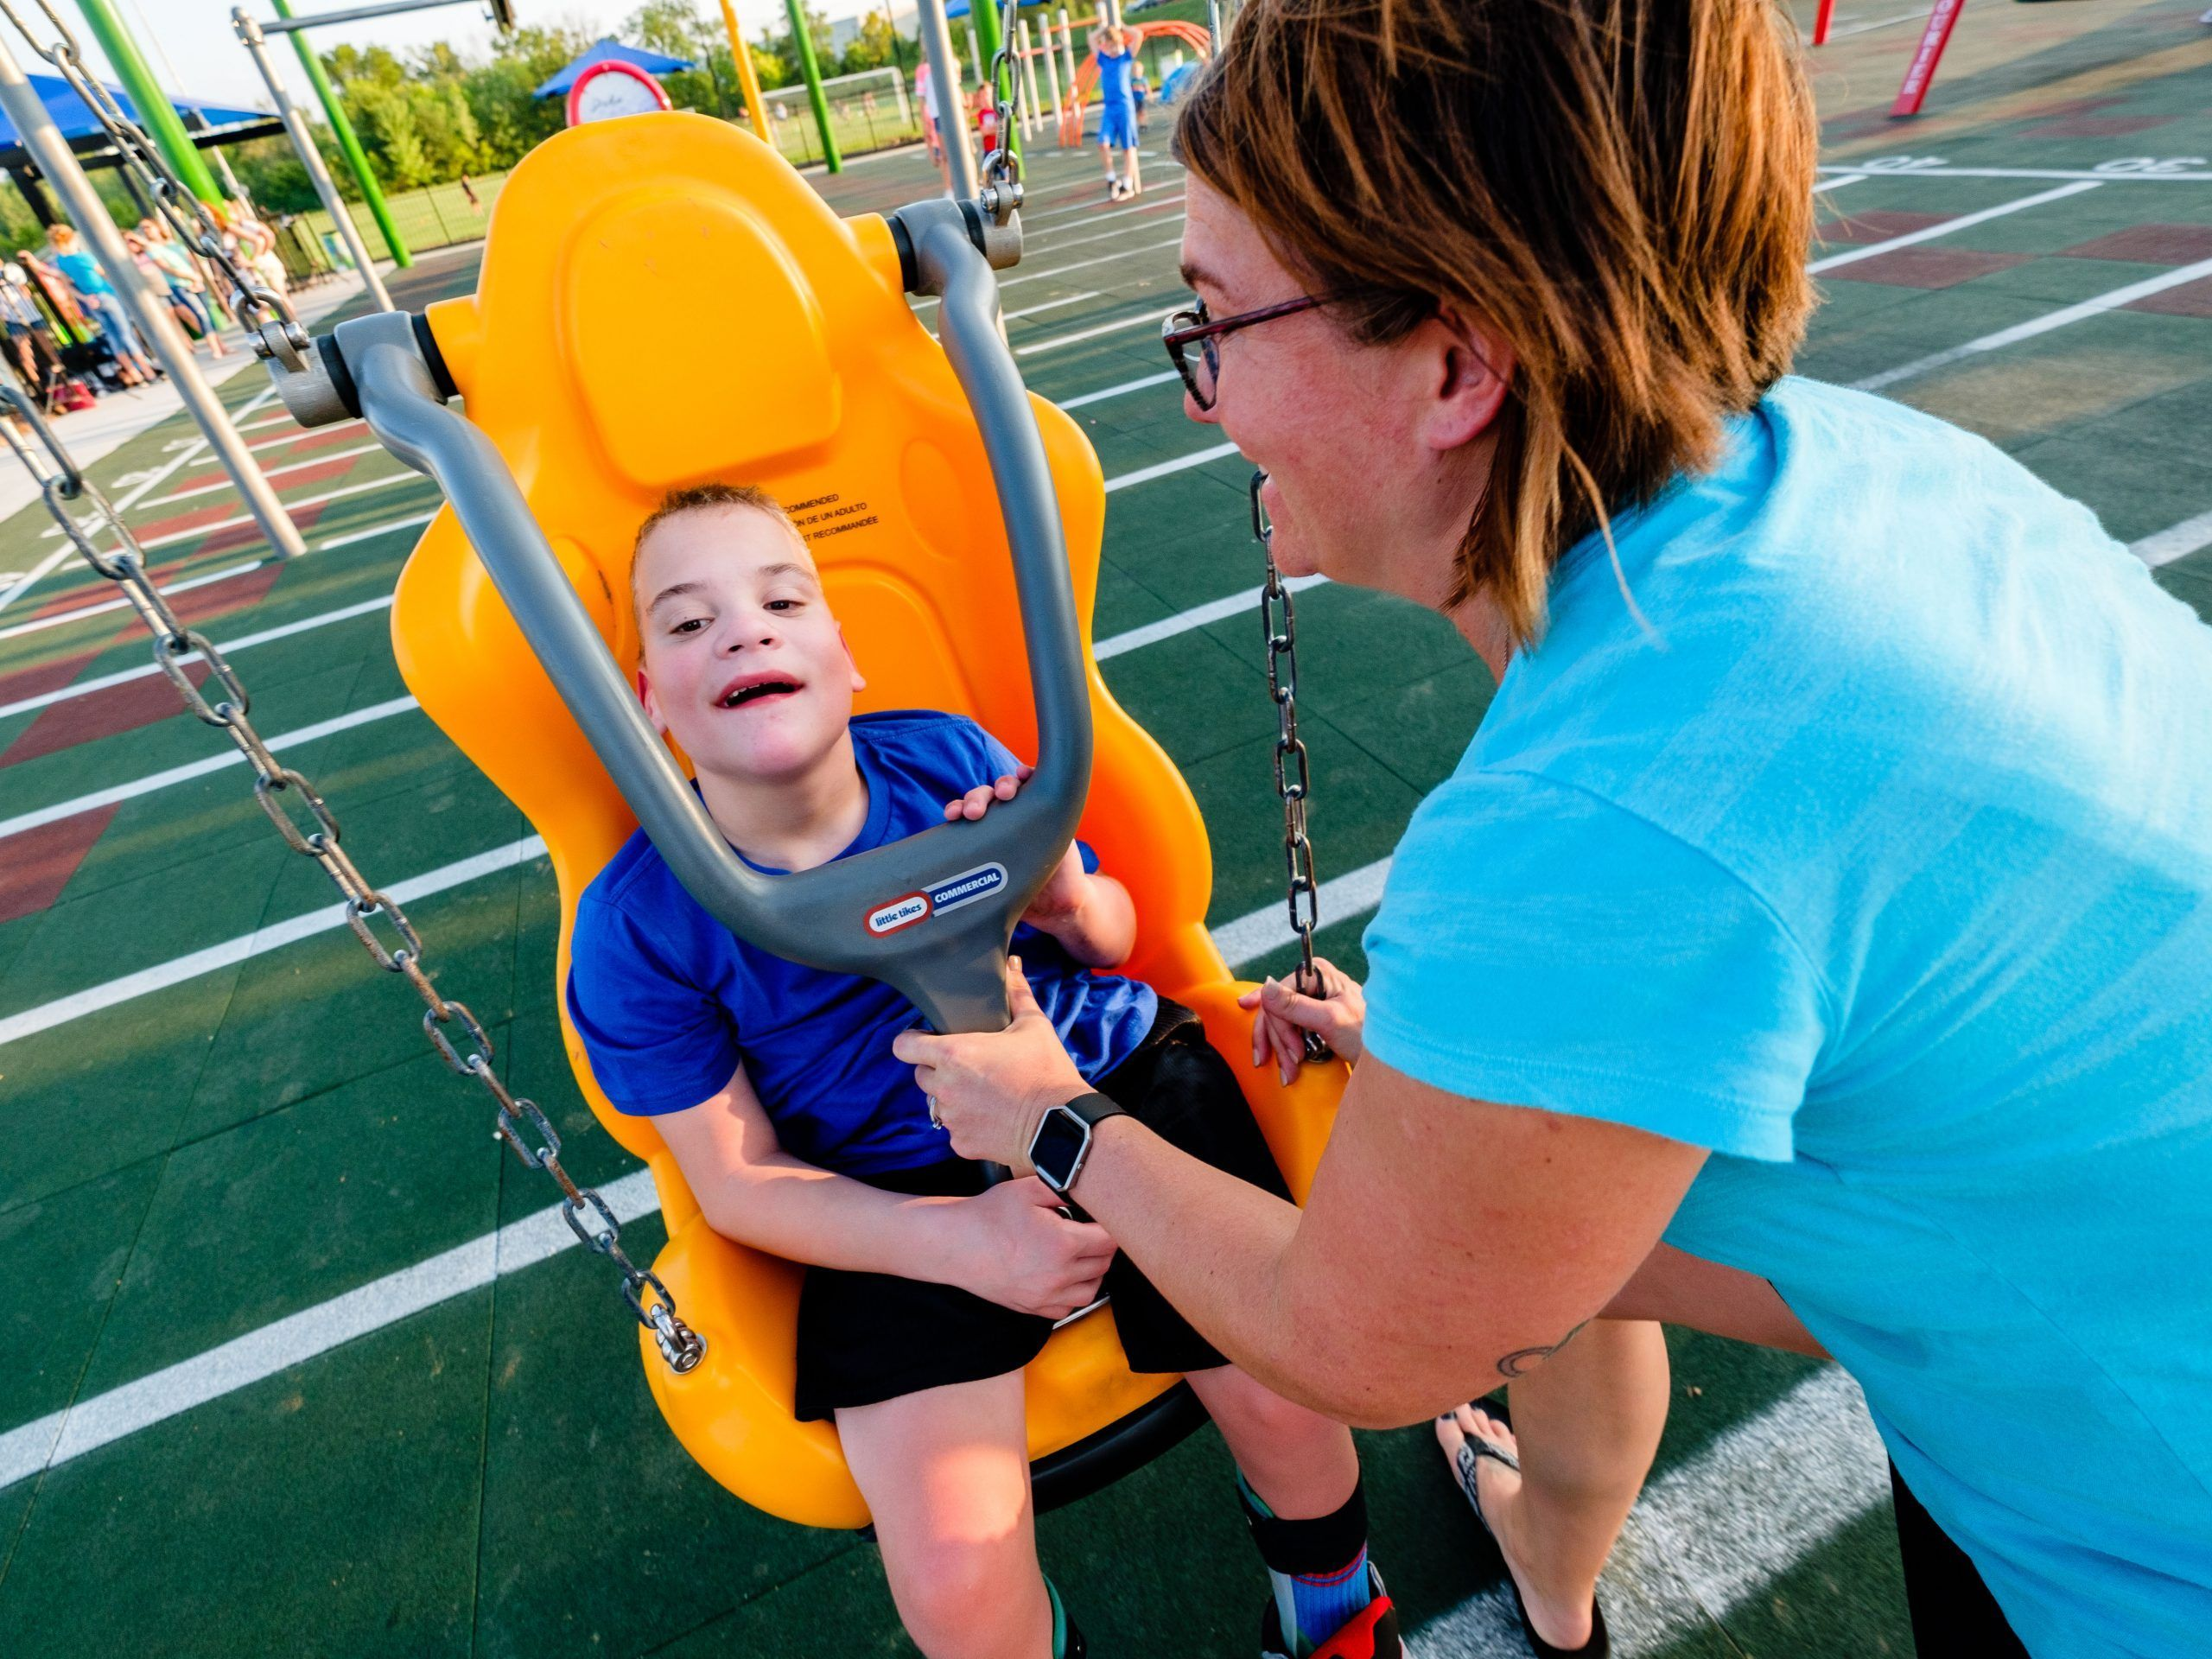 Boy in inclusive swing seat